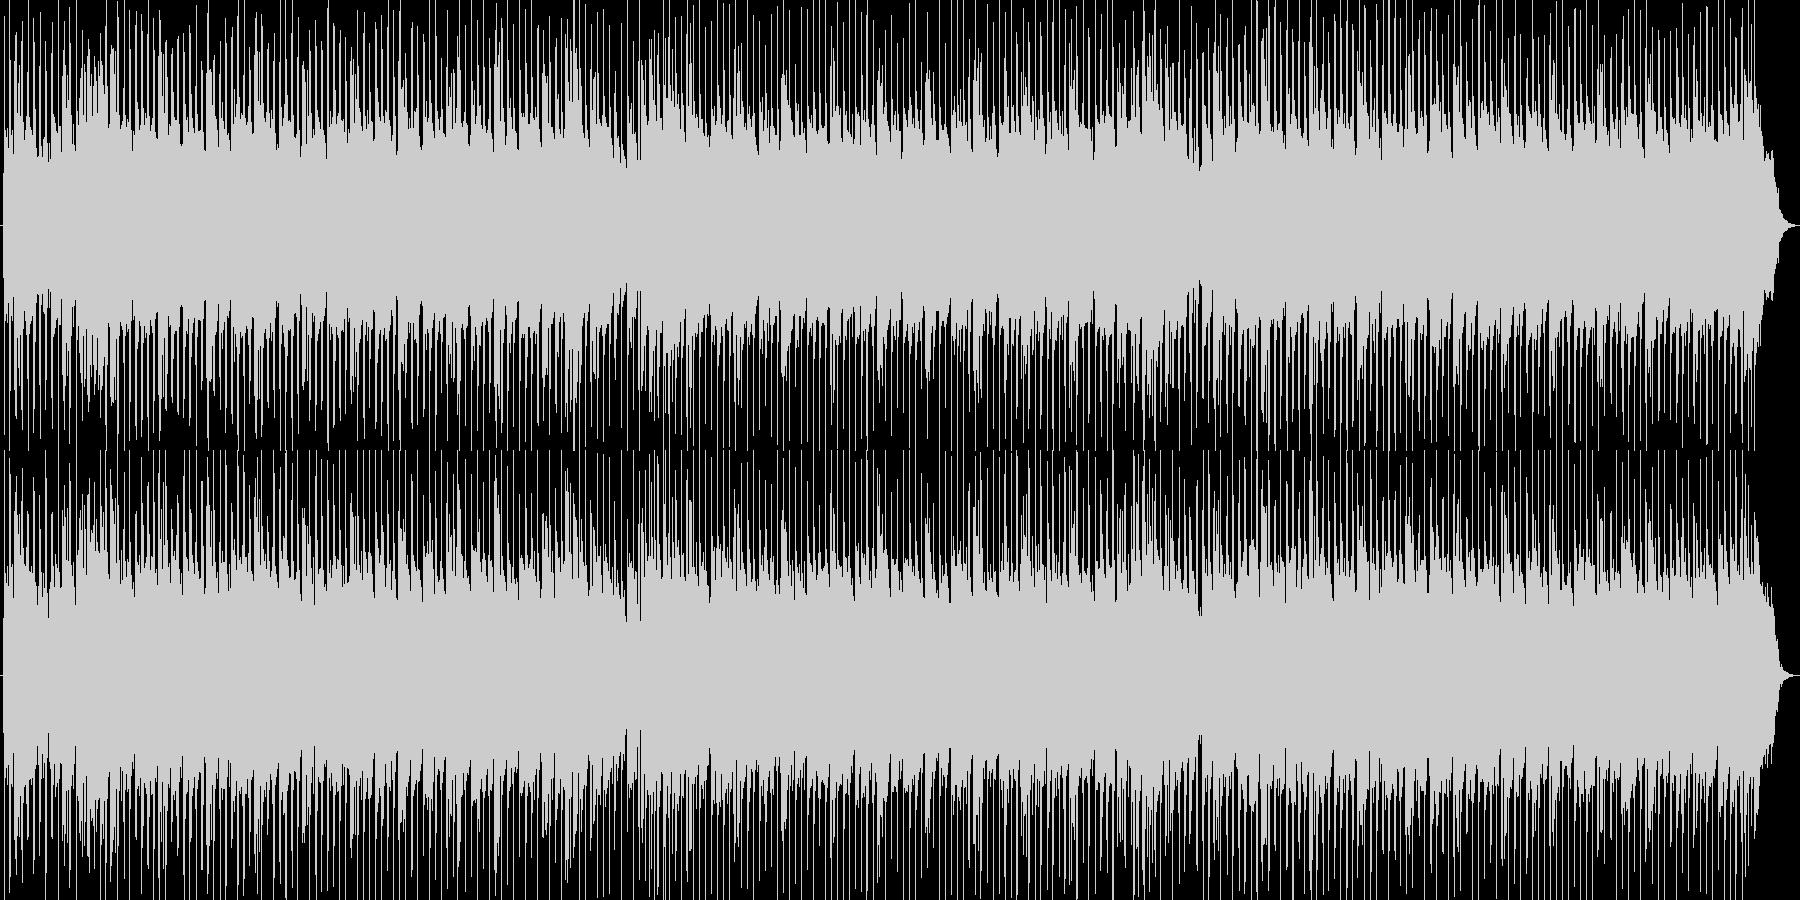 お洒落なR&Bビート洋楽テイストの未再生の波形